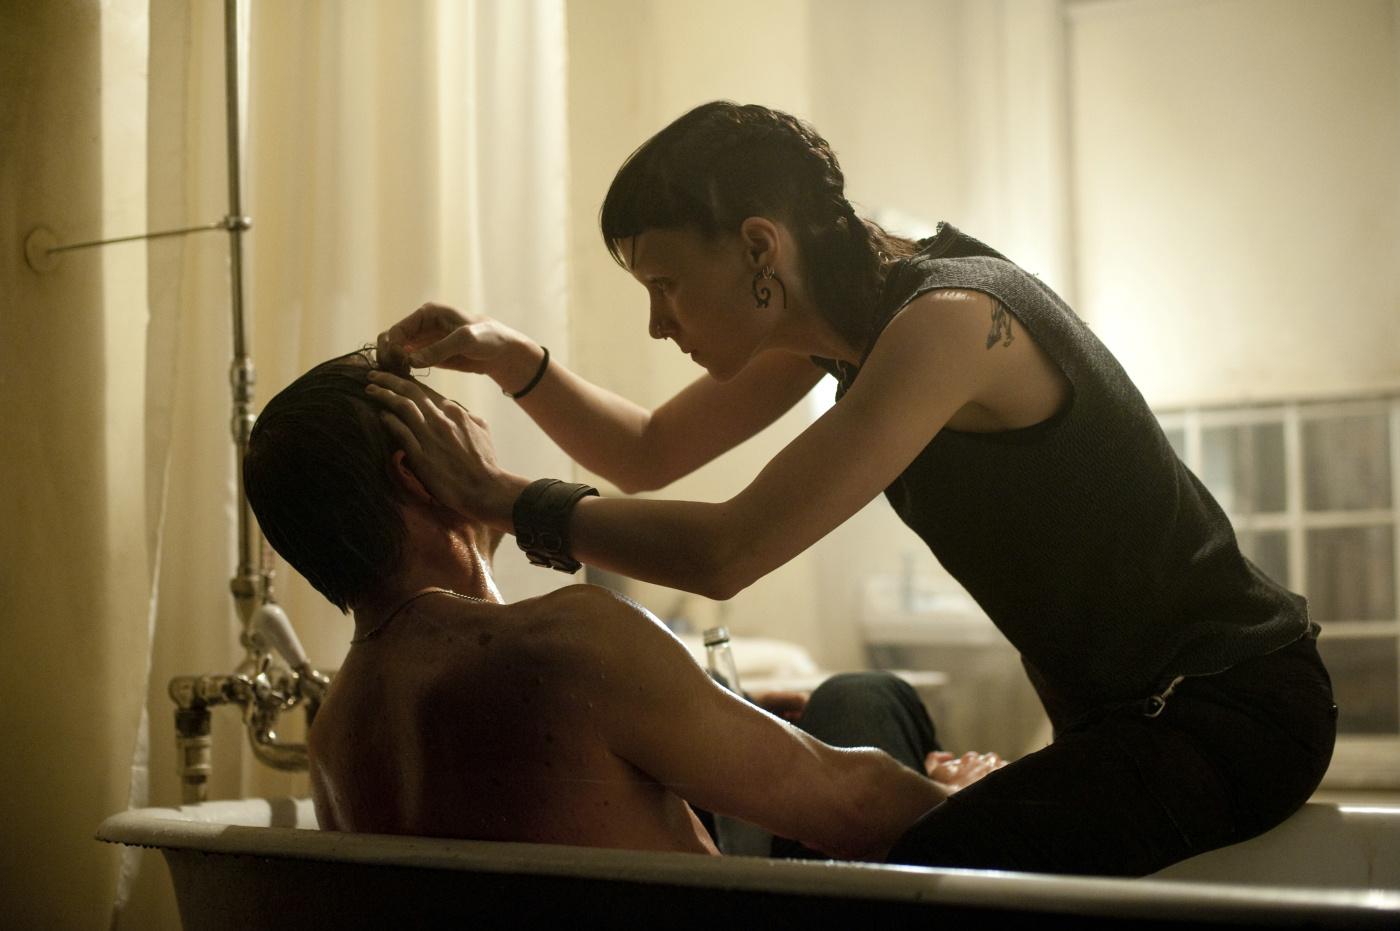 Фильм Дэвида Финчера «Девушка с татуировкой дракона» стал одним из самых ярких впечатлений 2011 года